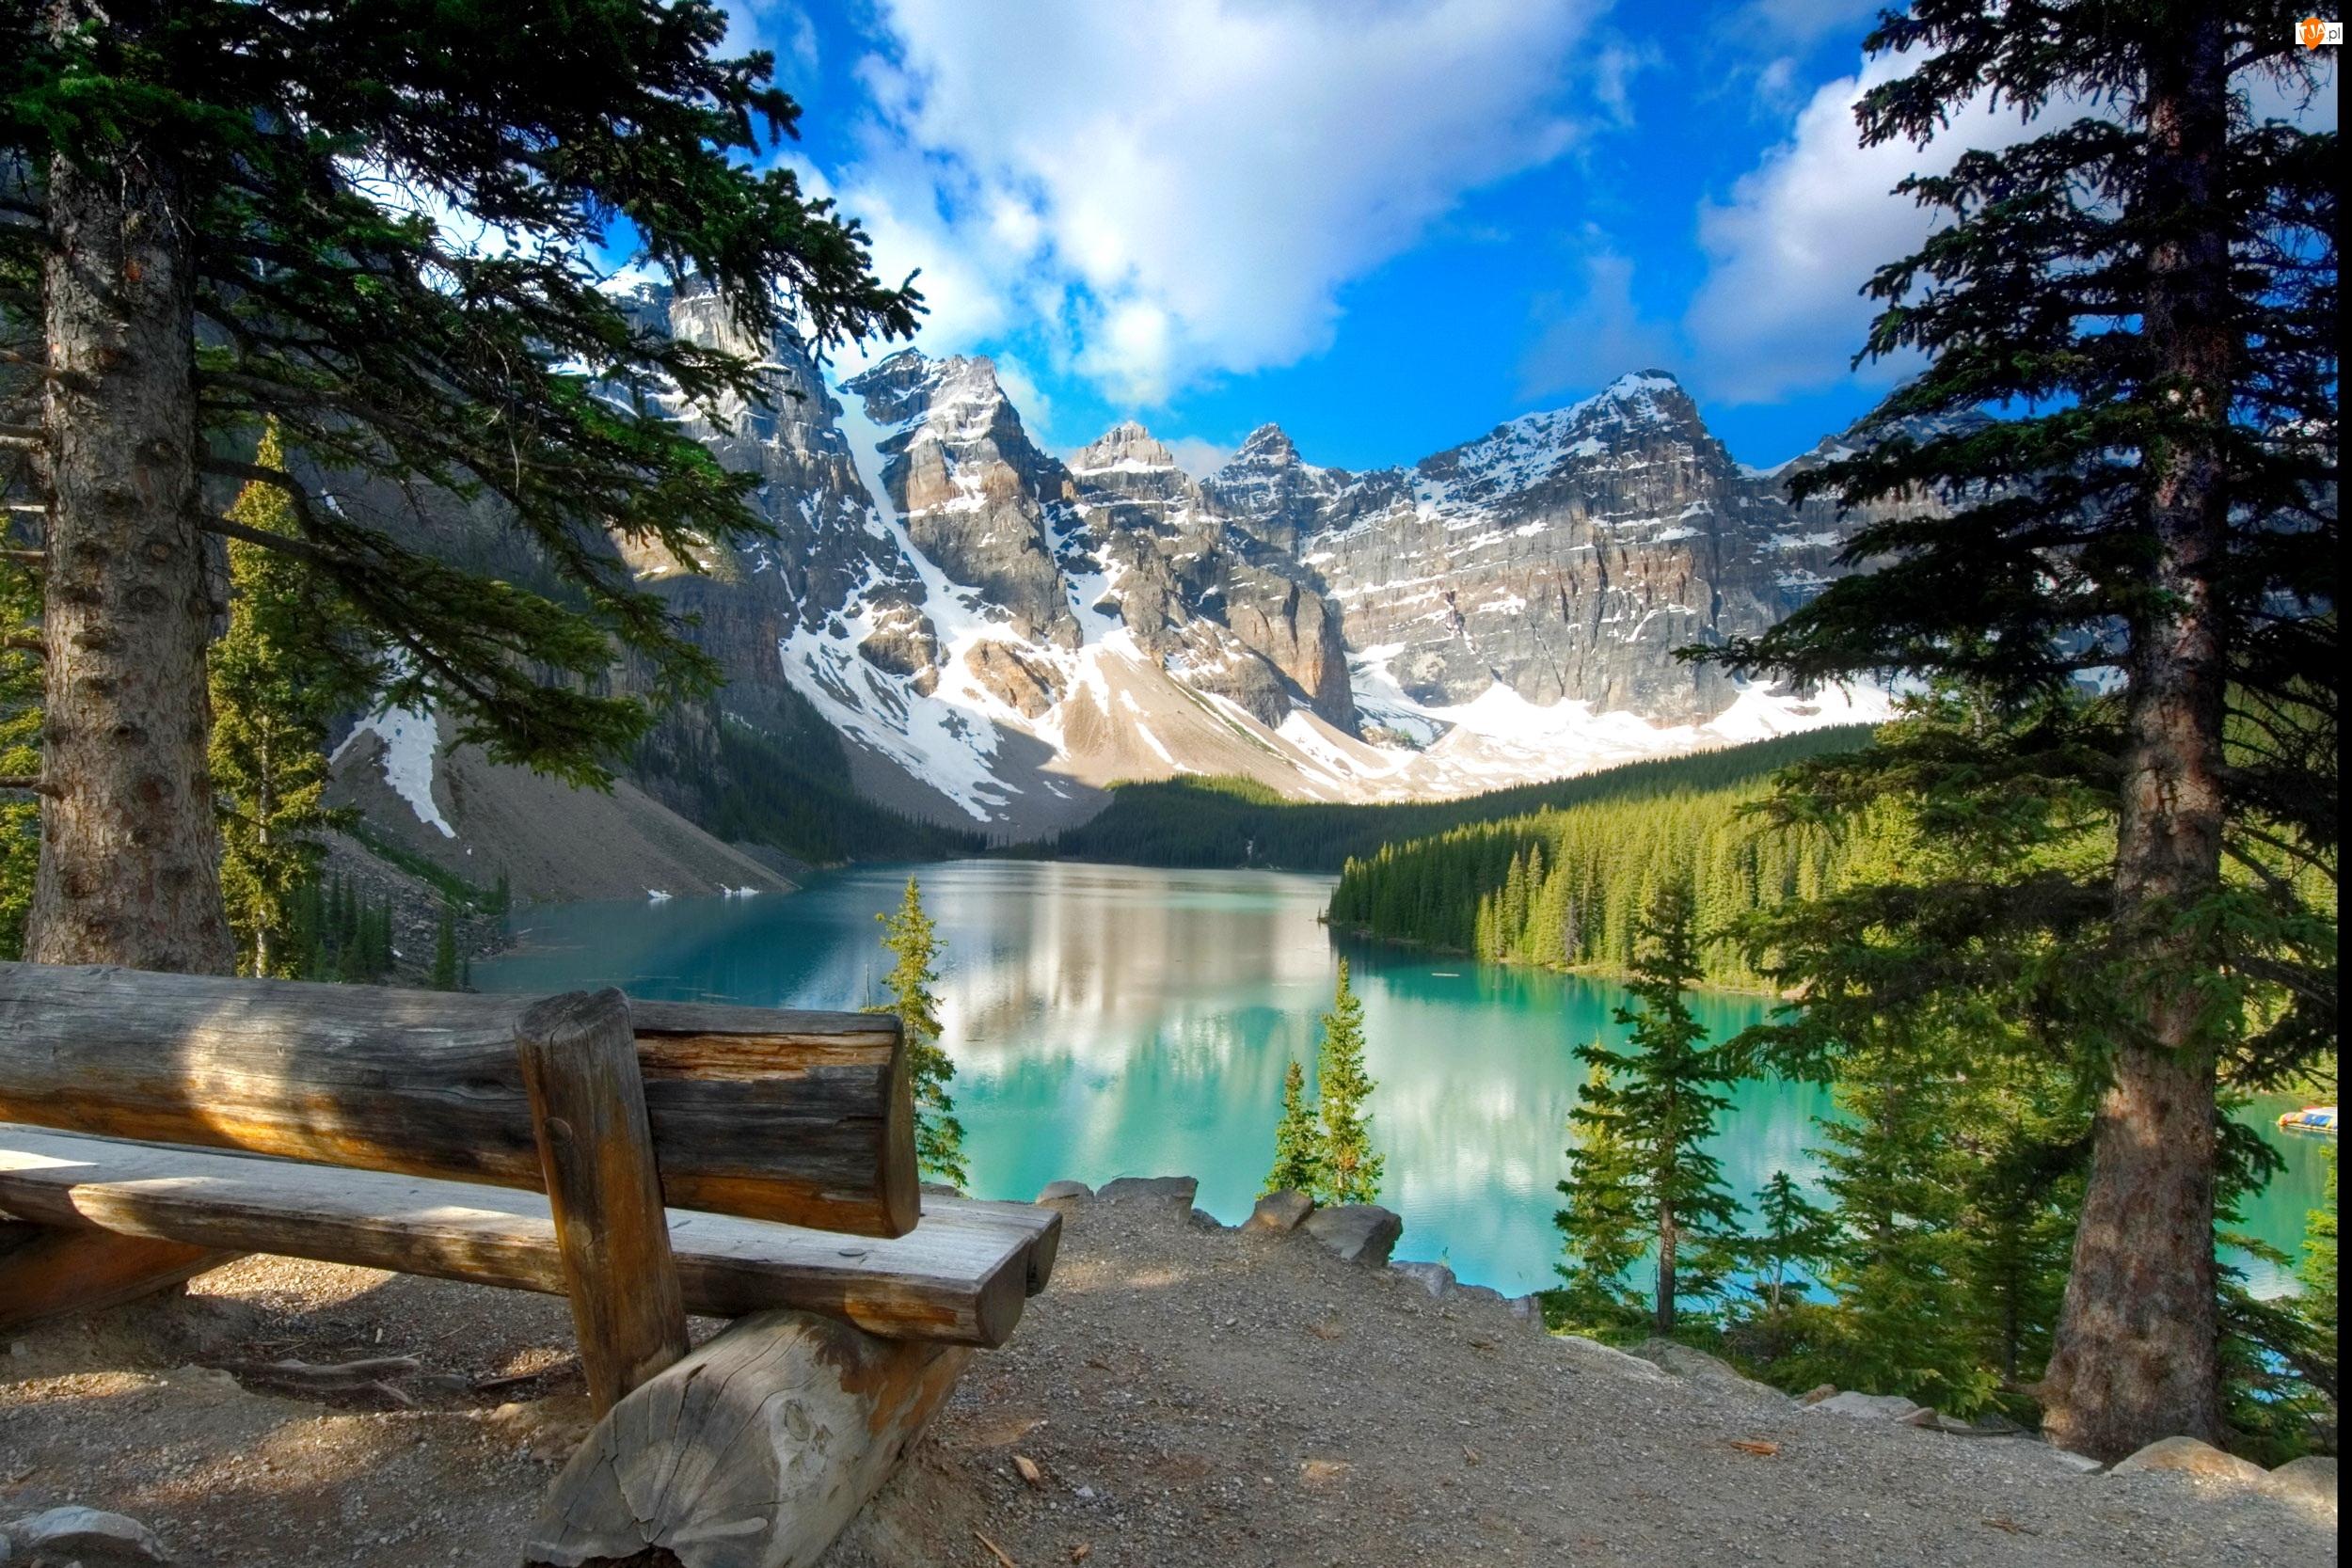 Góry, Ławka, Kanada, Drzewa, Park Narodowy Banff, Jezioro Moraine